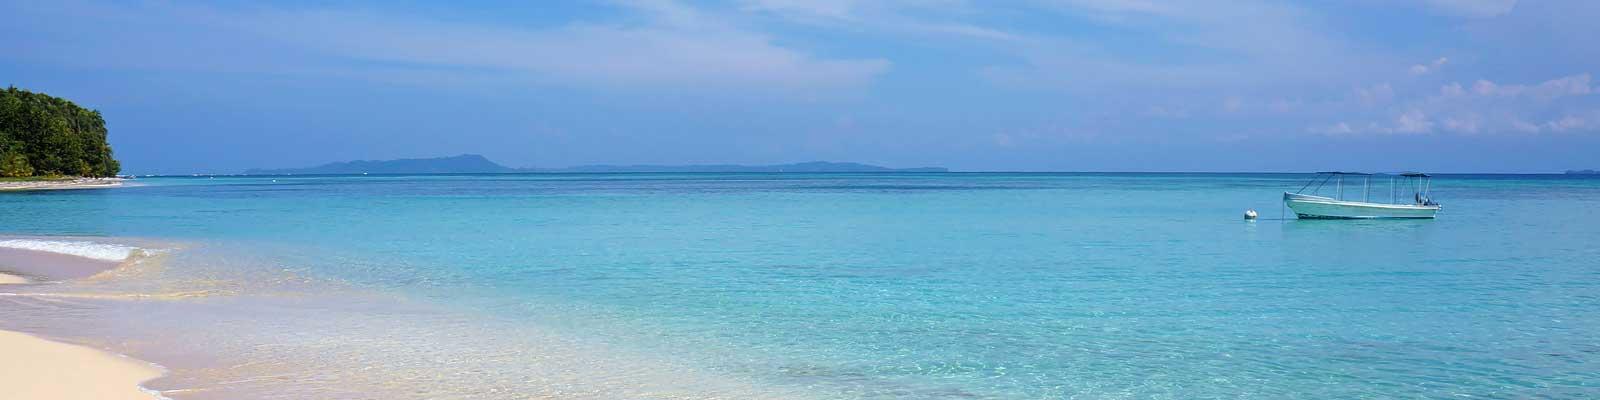 Panama Tranquilo Mar Azul Comprar, Vender, Alugar, Casas, Apartamentos, Residencias.